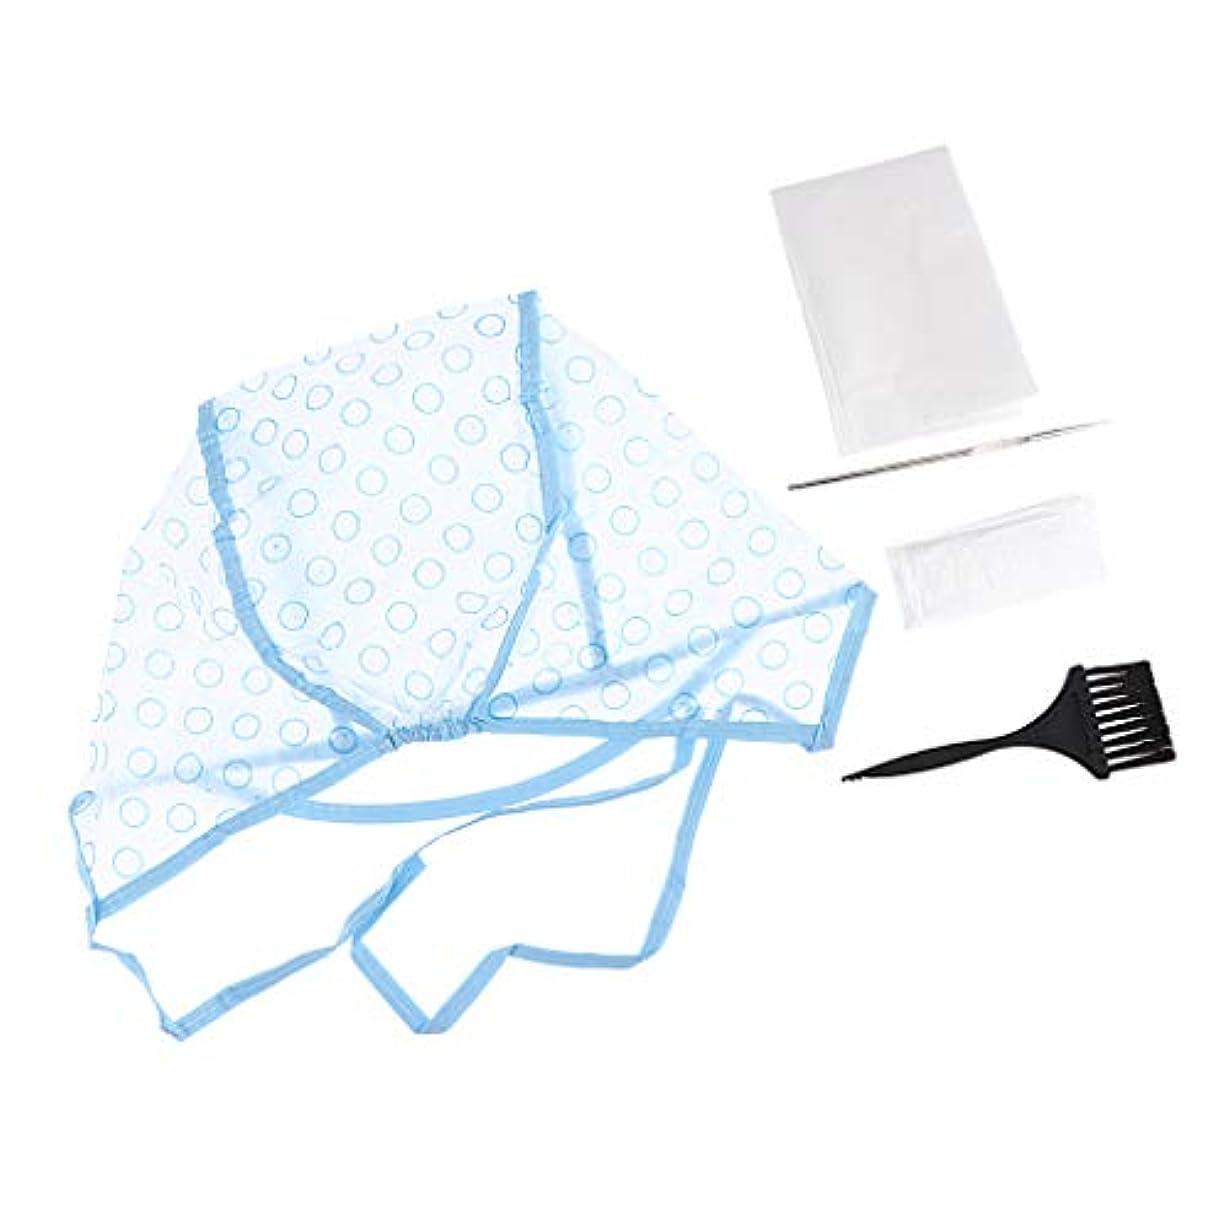 保証するホイップ中央値ヘアダイブラシ ヘアダイキャップ クリップ 手袋 毛染め用品セット ヘア染めツール 全5点